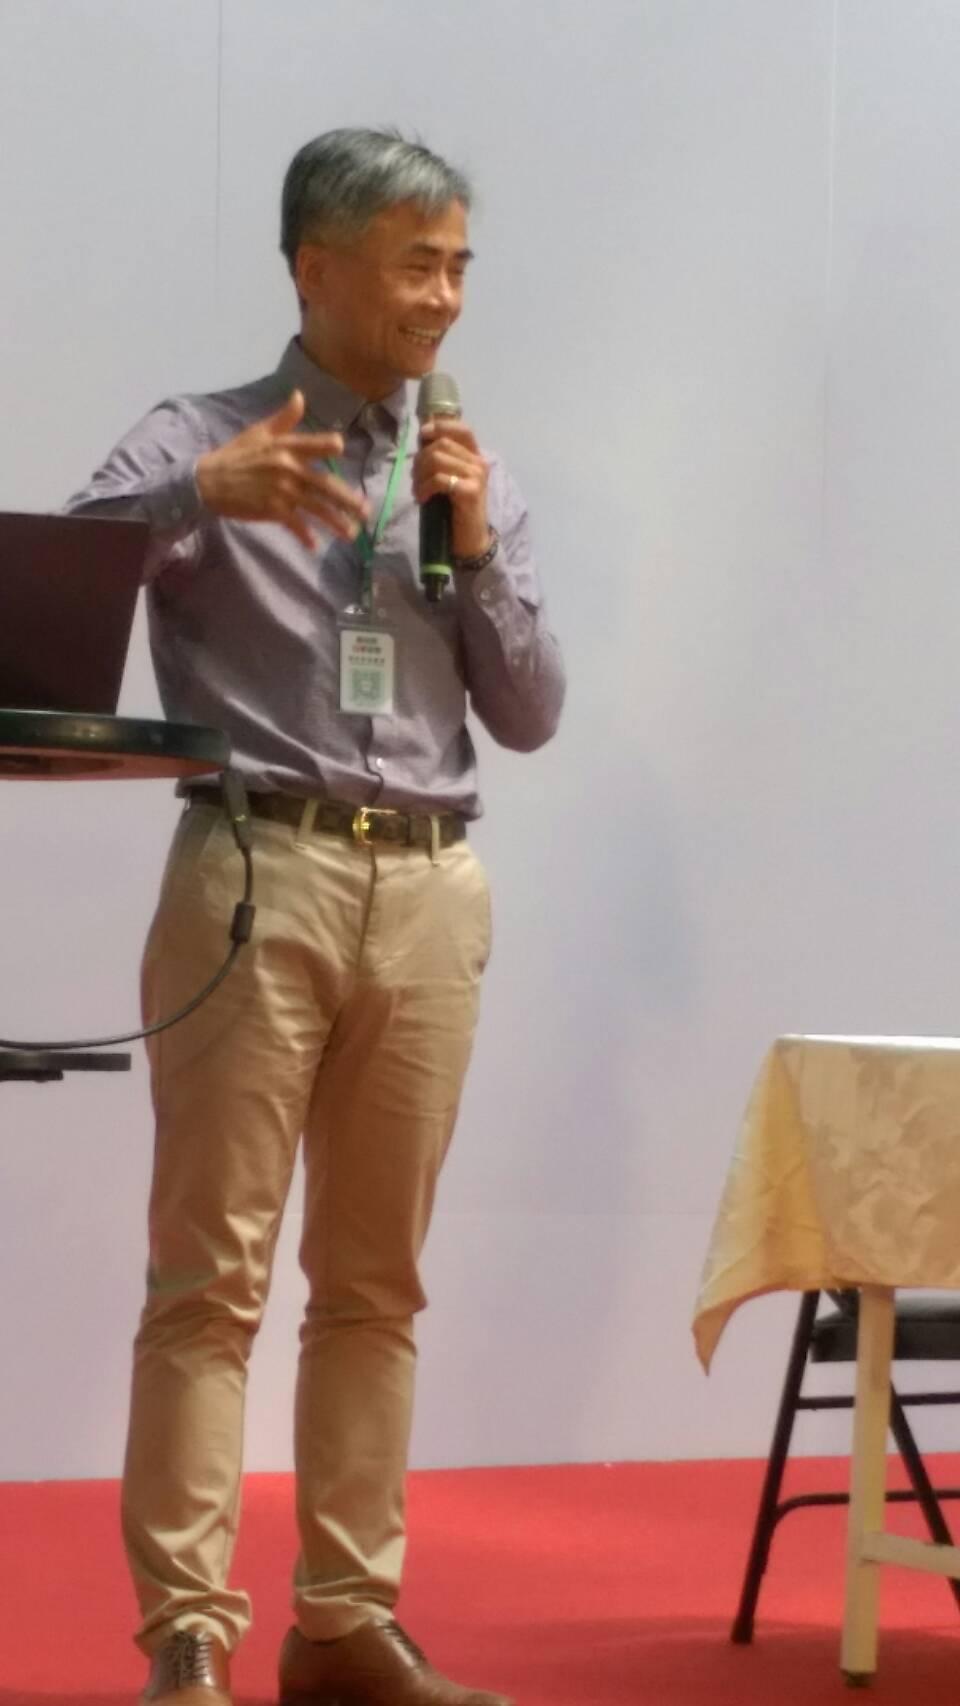 蔡文清在健康養生講座中,以分享喝水的好處獲得滿堂采。 源鮮/提供